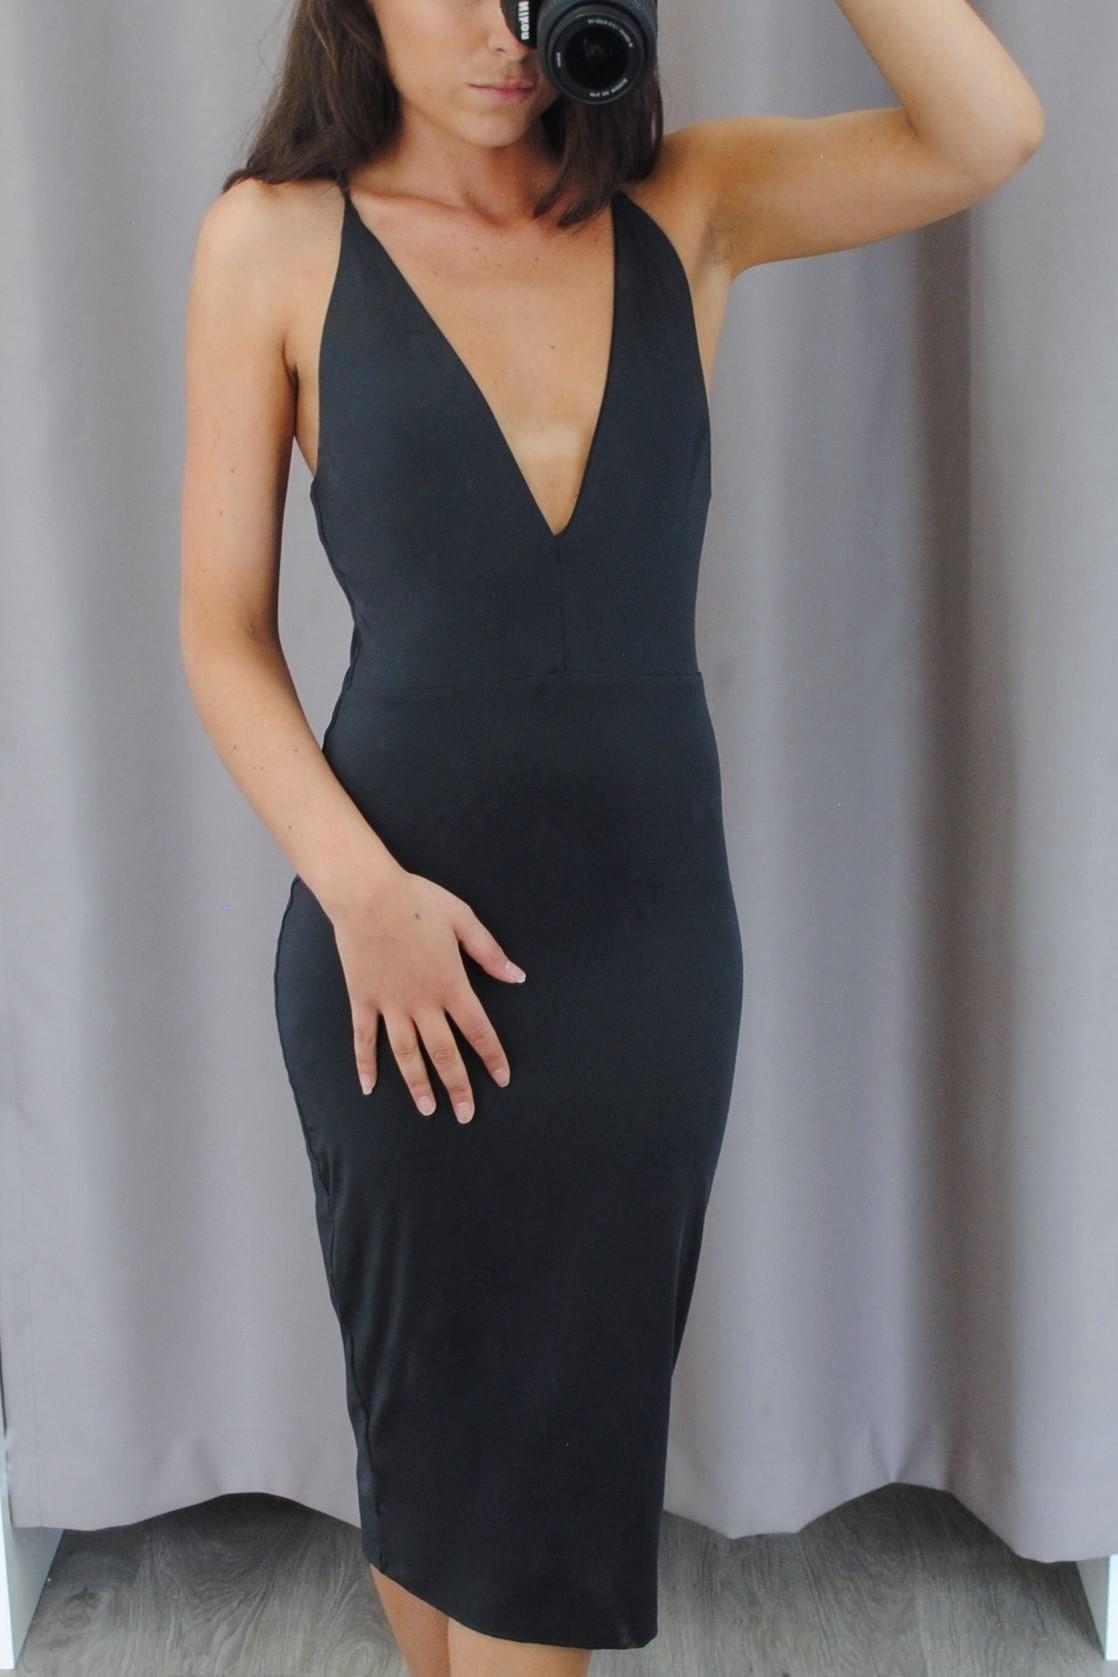 Dress Hire  KOOKAI - Margot Dress in Ink  ccd591fcc